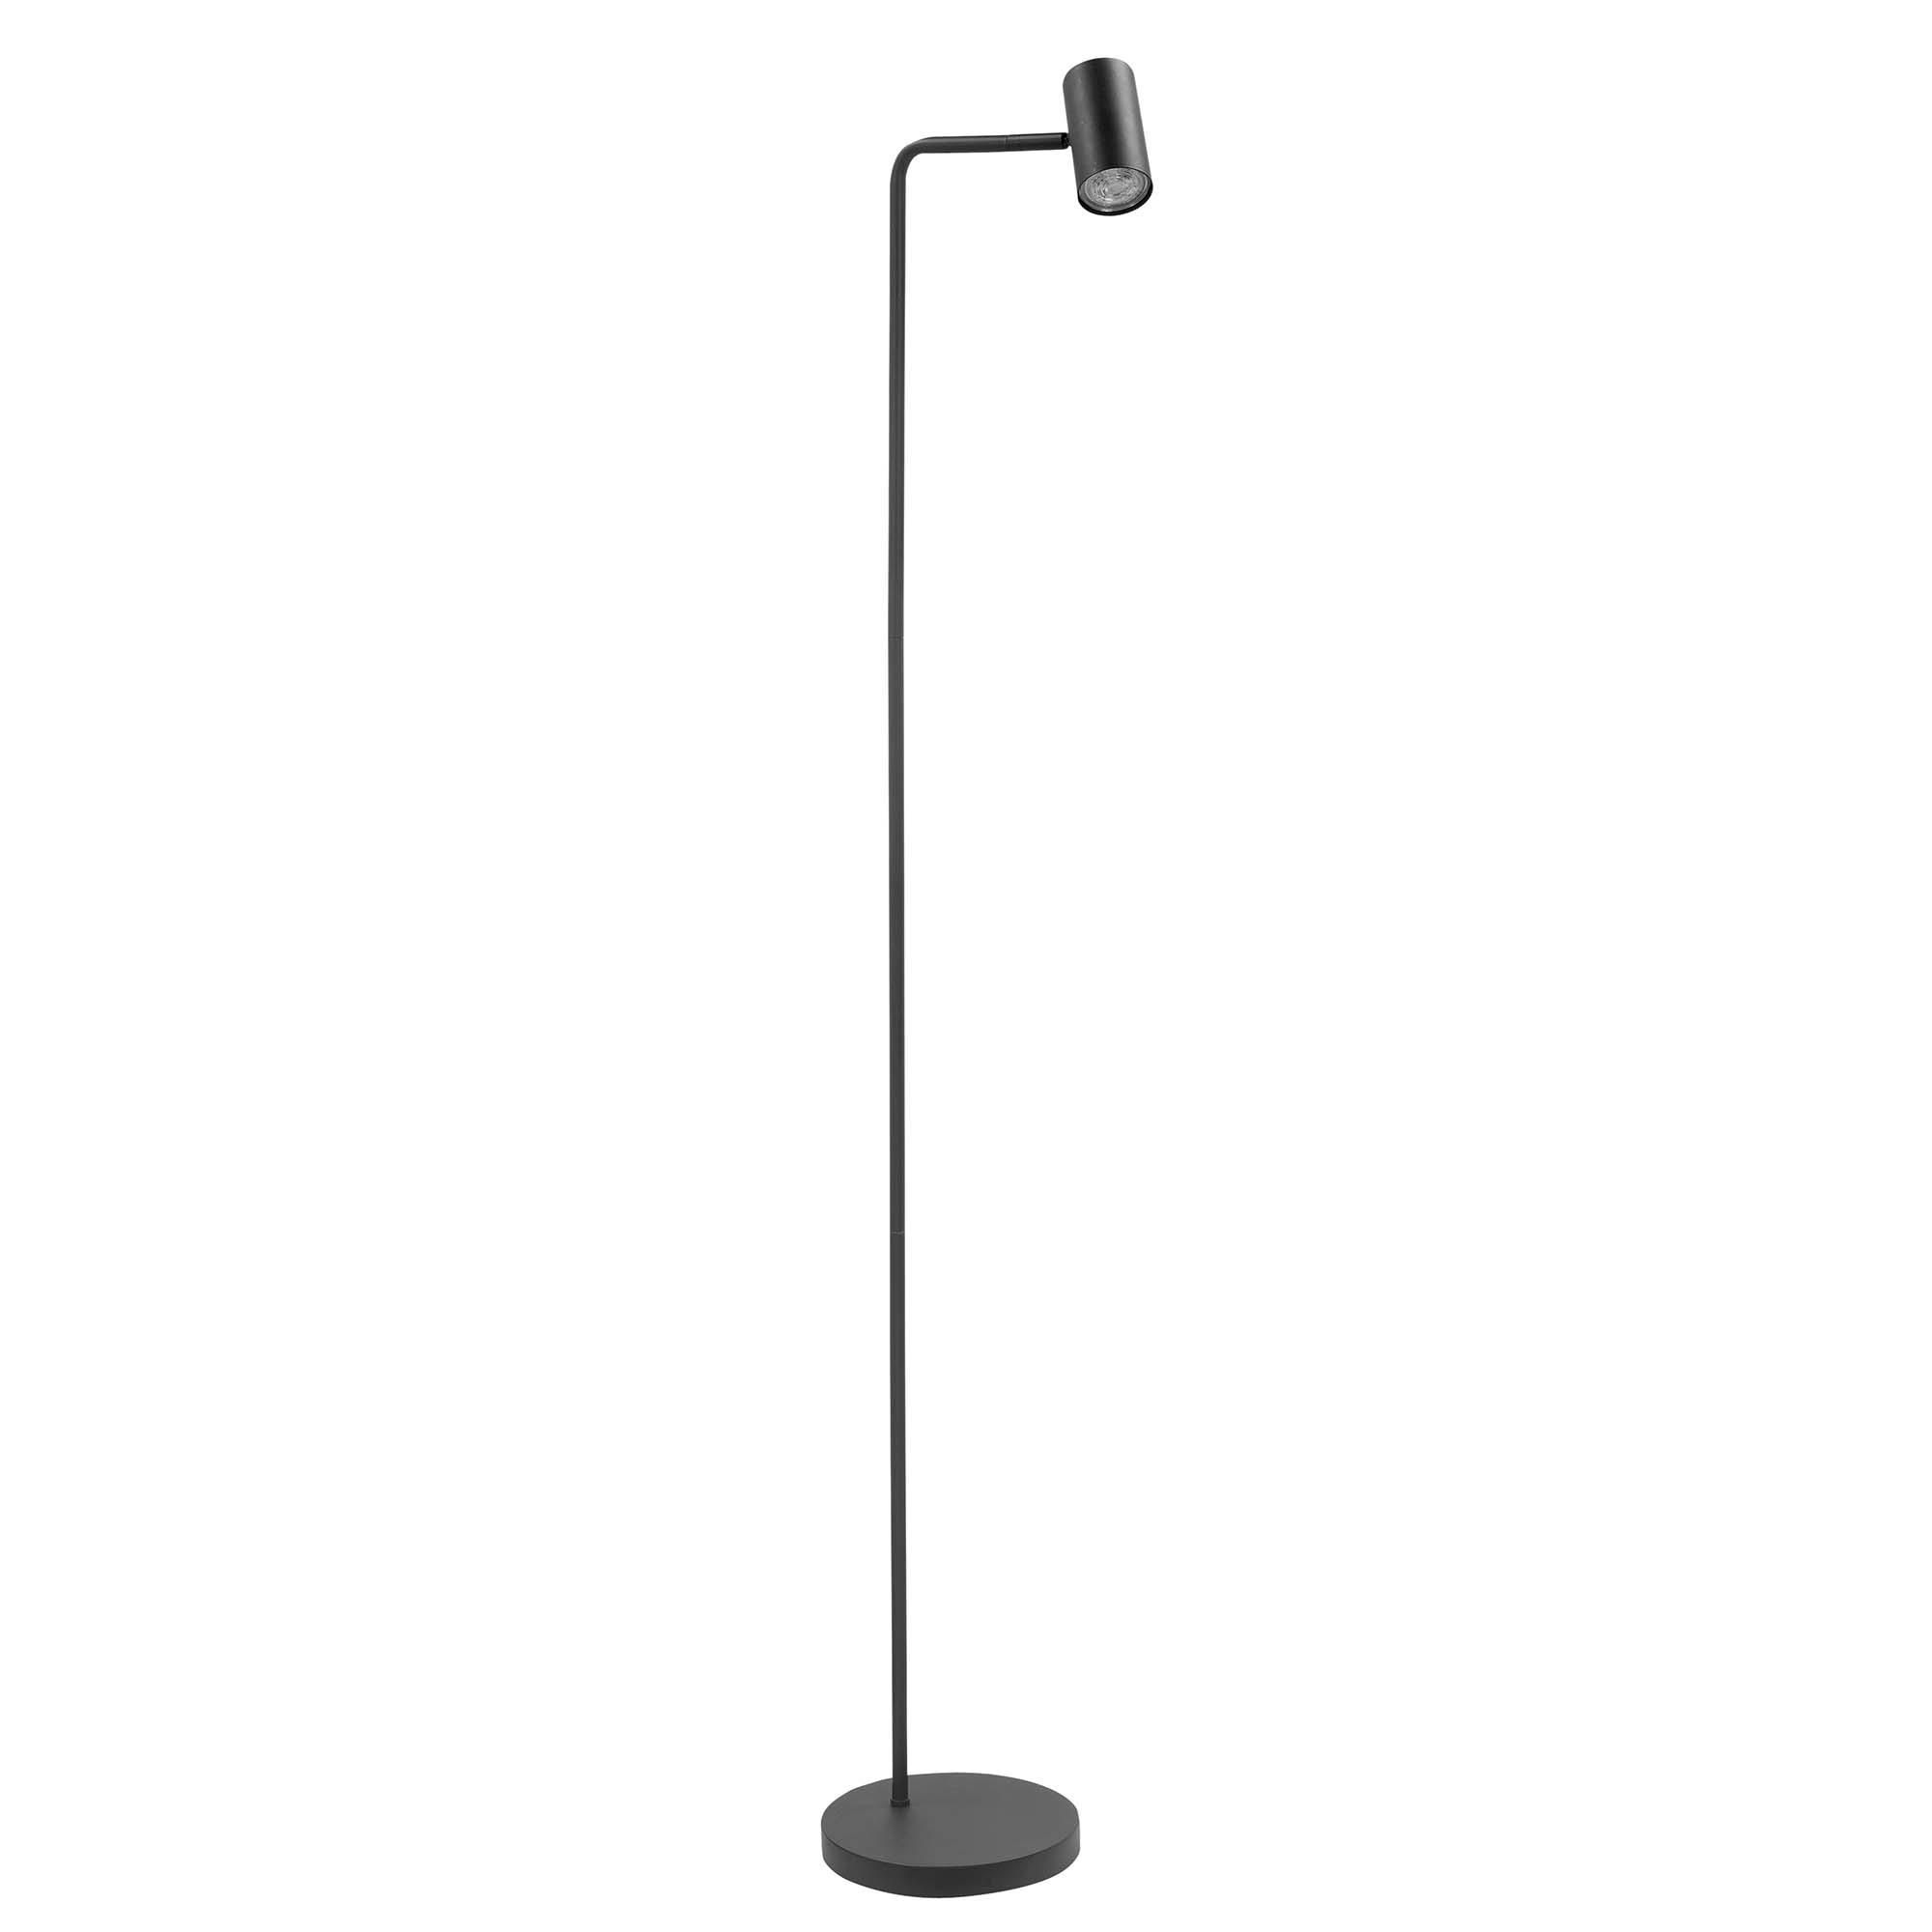 Ylumen Vloerlamp Burgos 1 lichts H 134 cm zwart